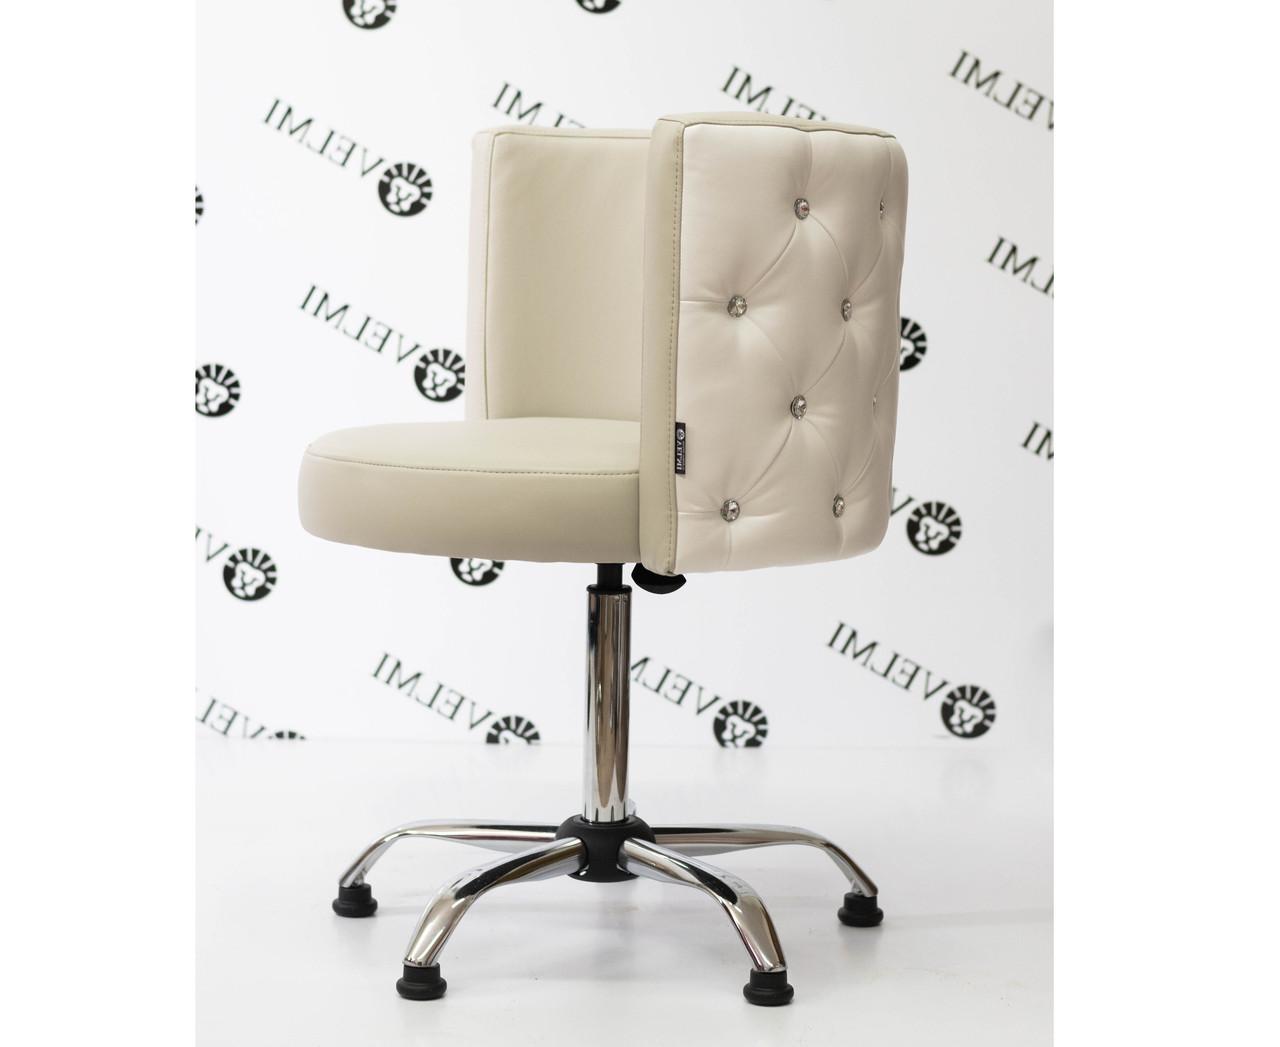 Стул мастера для салона красоты маникюрный стульчик парикмахерские кресла для клиентов парикмахера  VM20